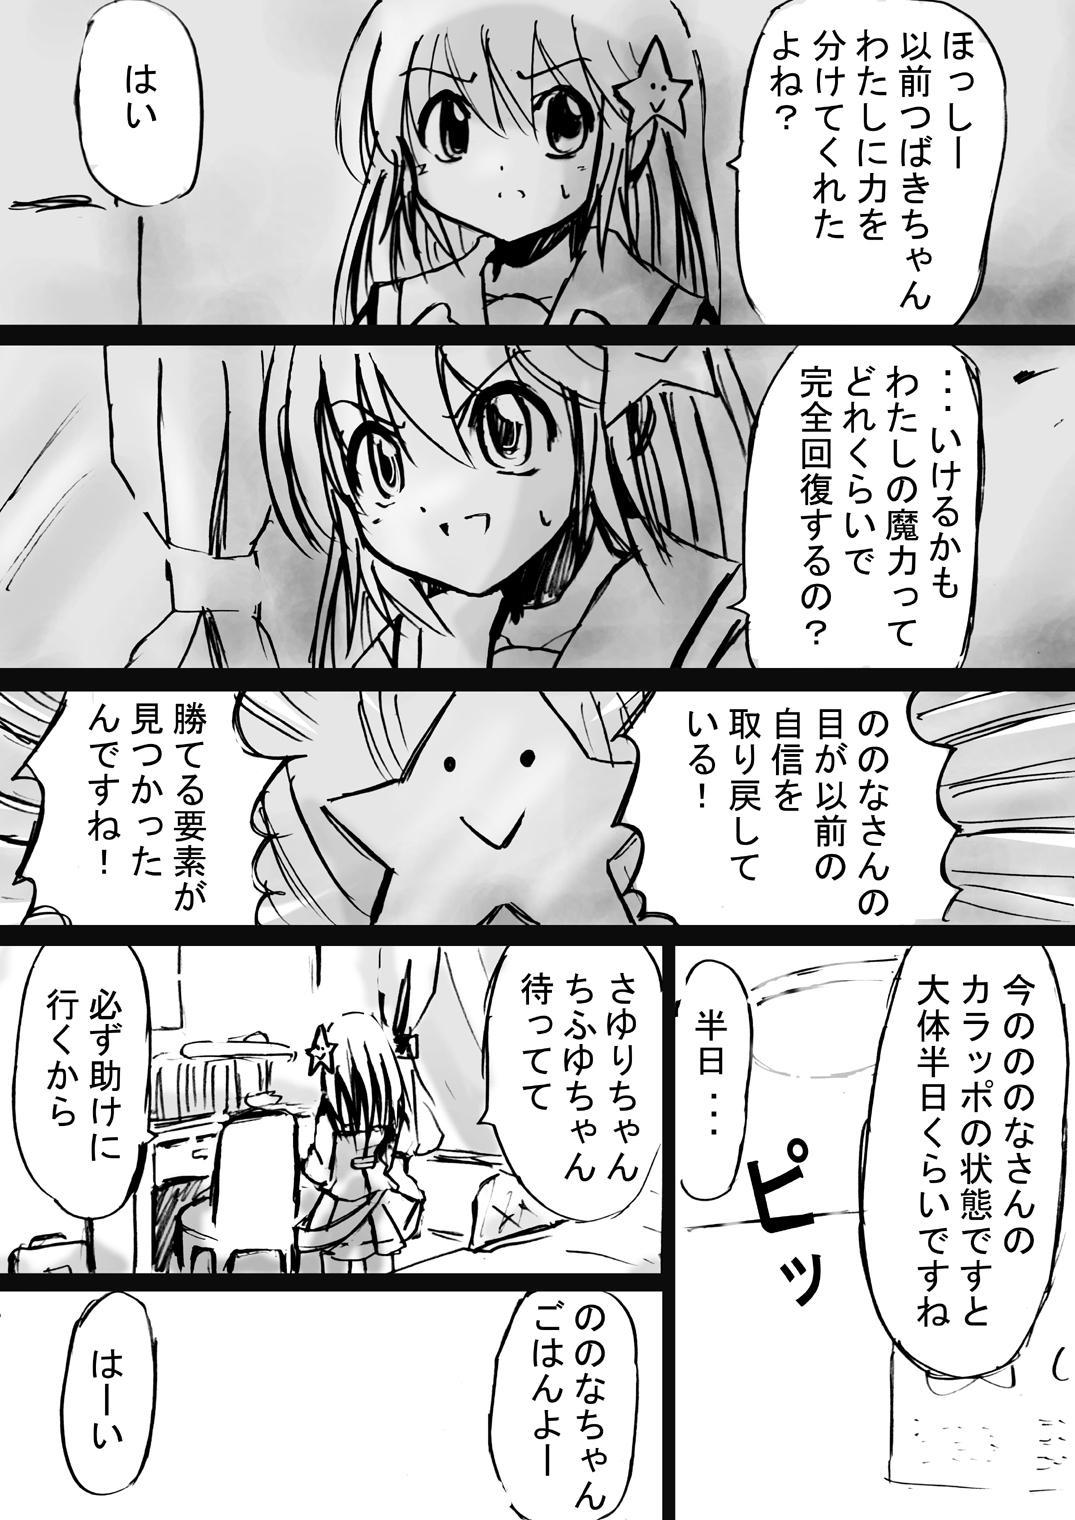 [Dende] Fushigi Sekai -Mystery World- Nonoha 5 ~Jokuma no Kyouniku no Tainai Shinshoku~ 13